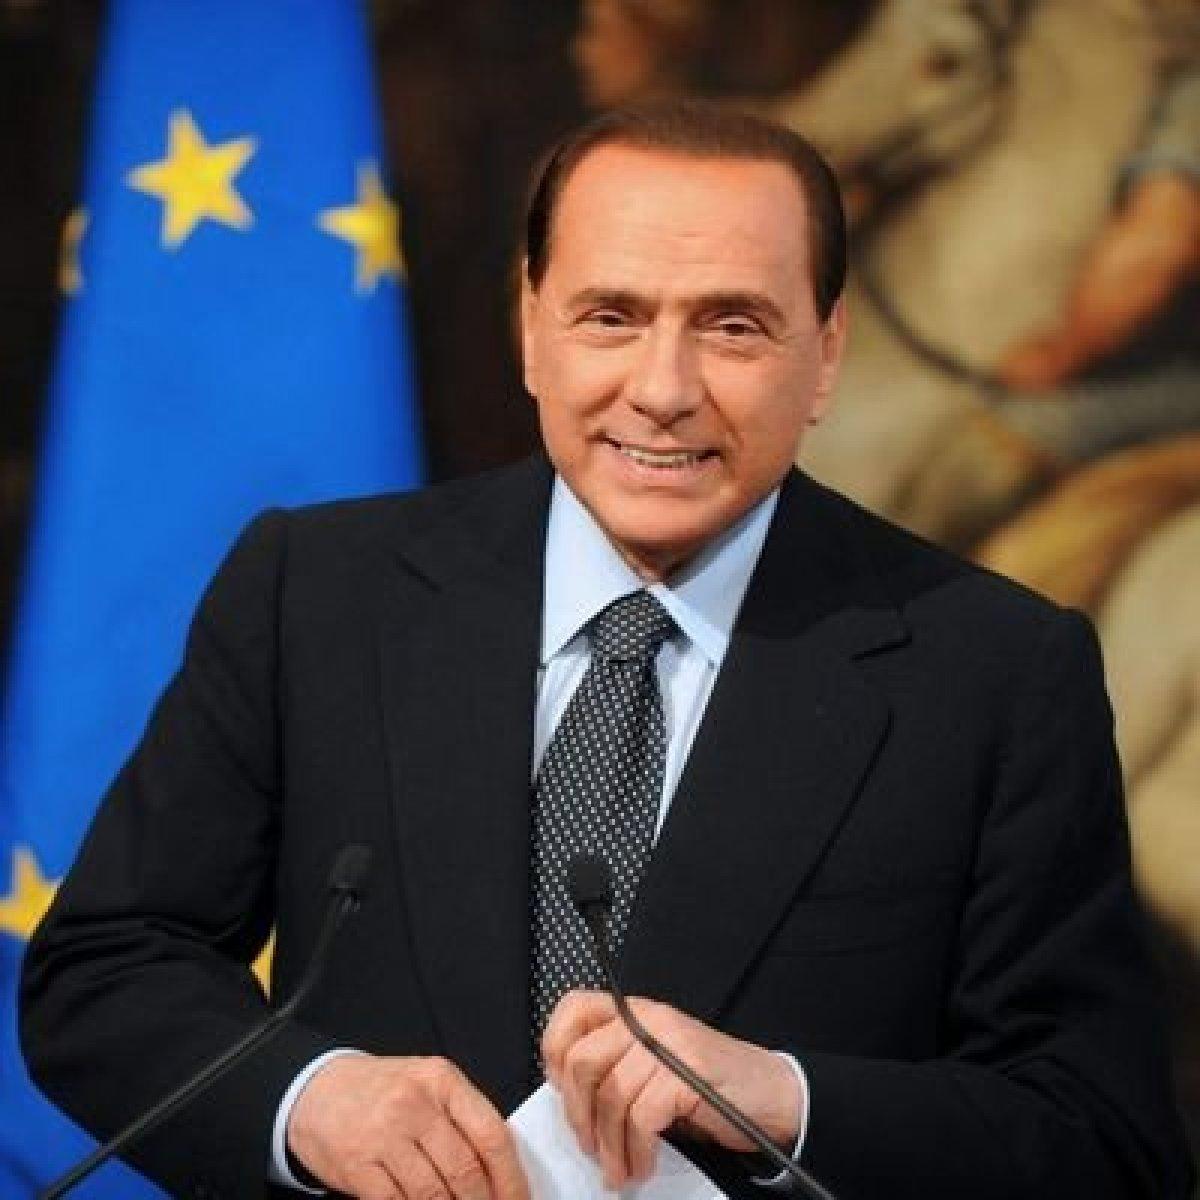 Berlusconi'nin kız arkadaşı ve çocukları da virüse yakalandı #1